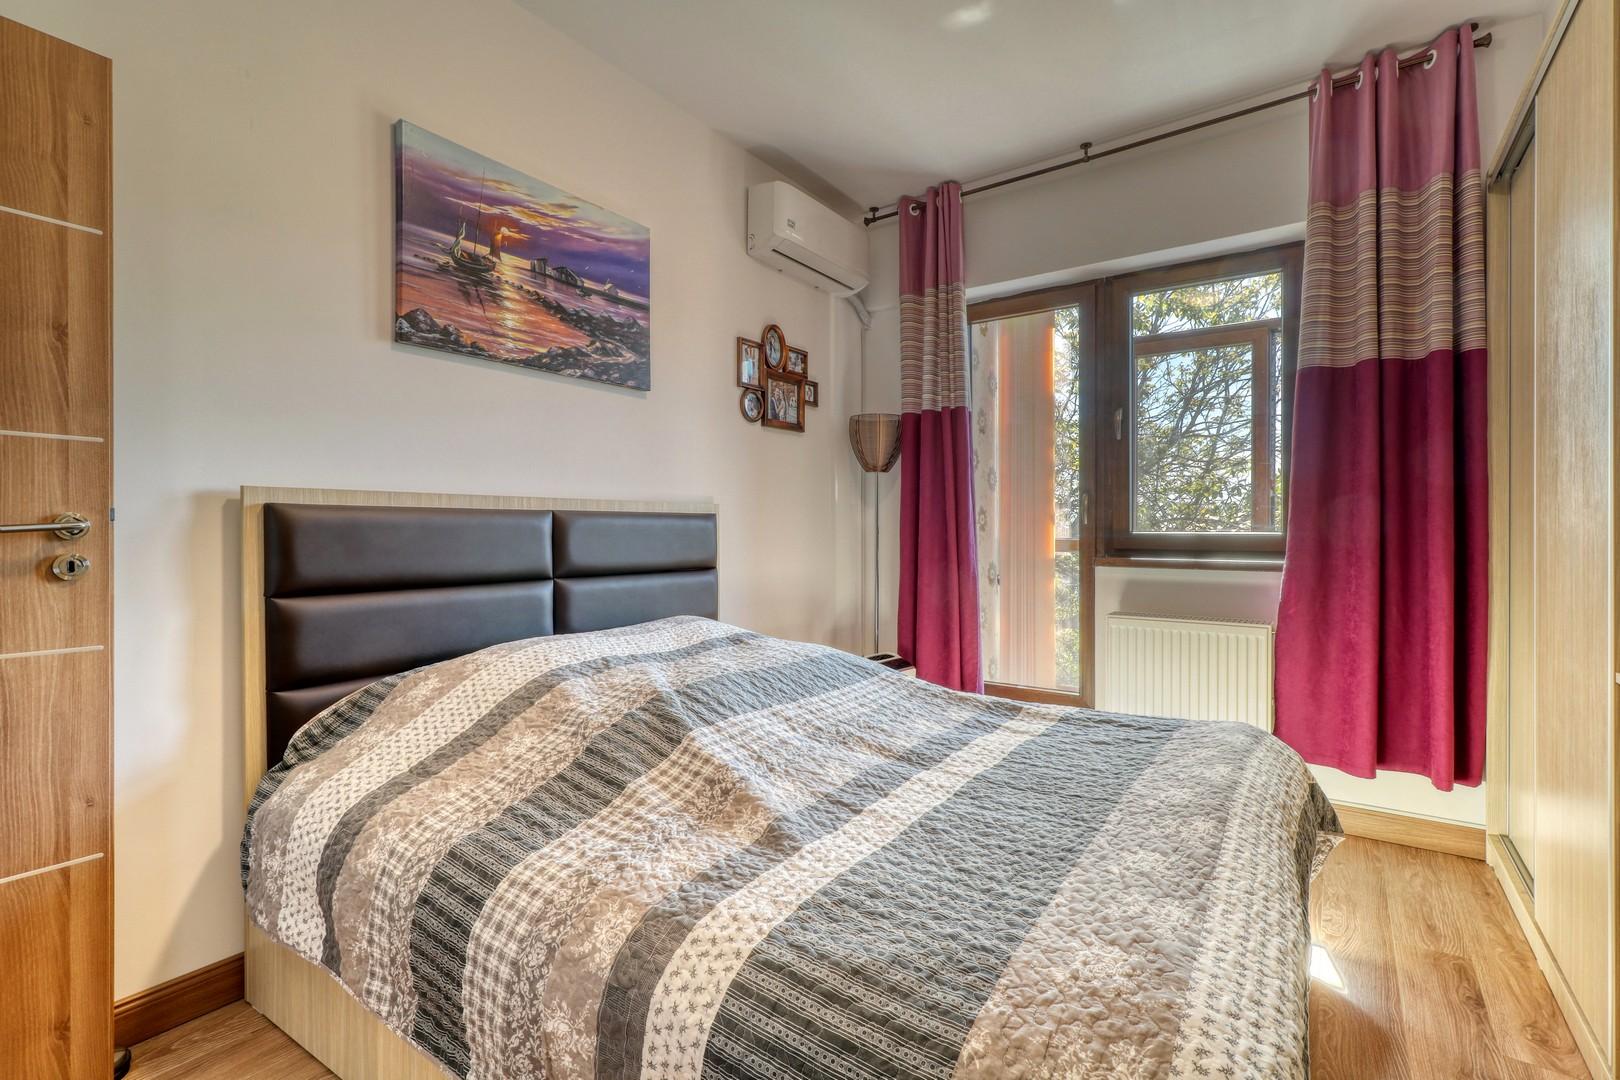 3 camere, mobilat si utilat, zona Bucurestii Noi